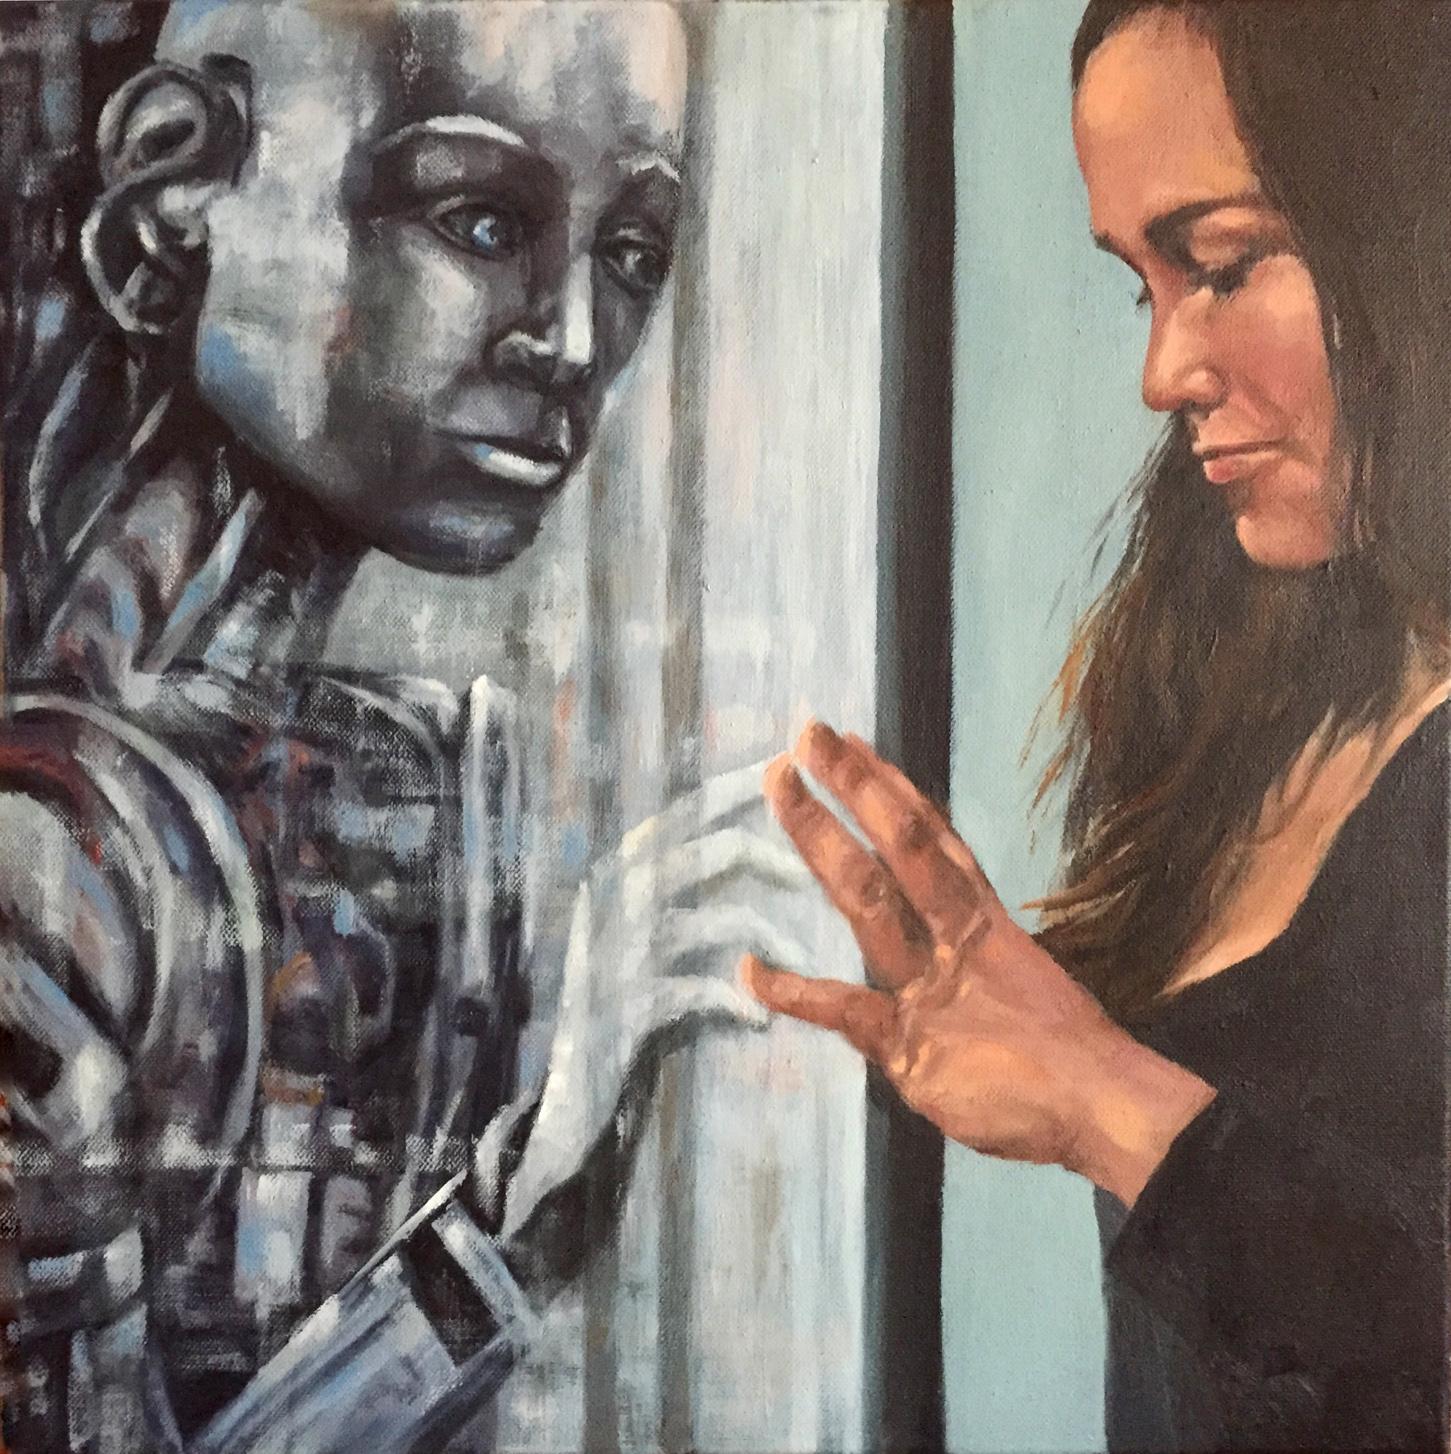 Roboter und Frau berühren sich durch Glasscheibe